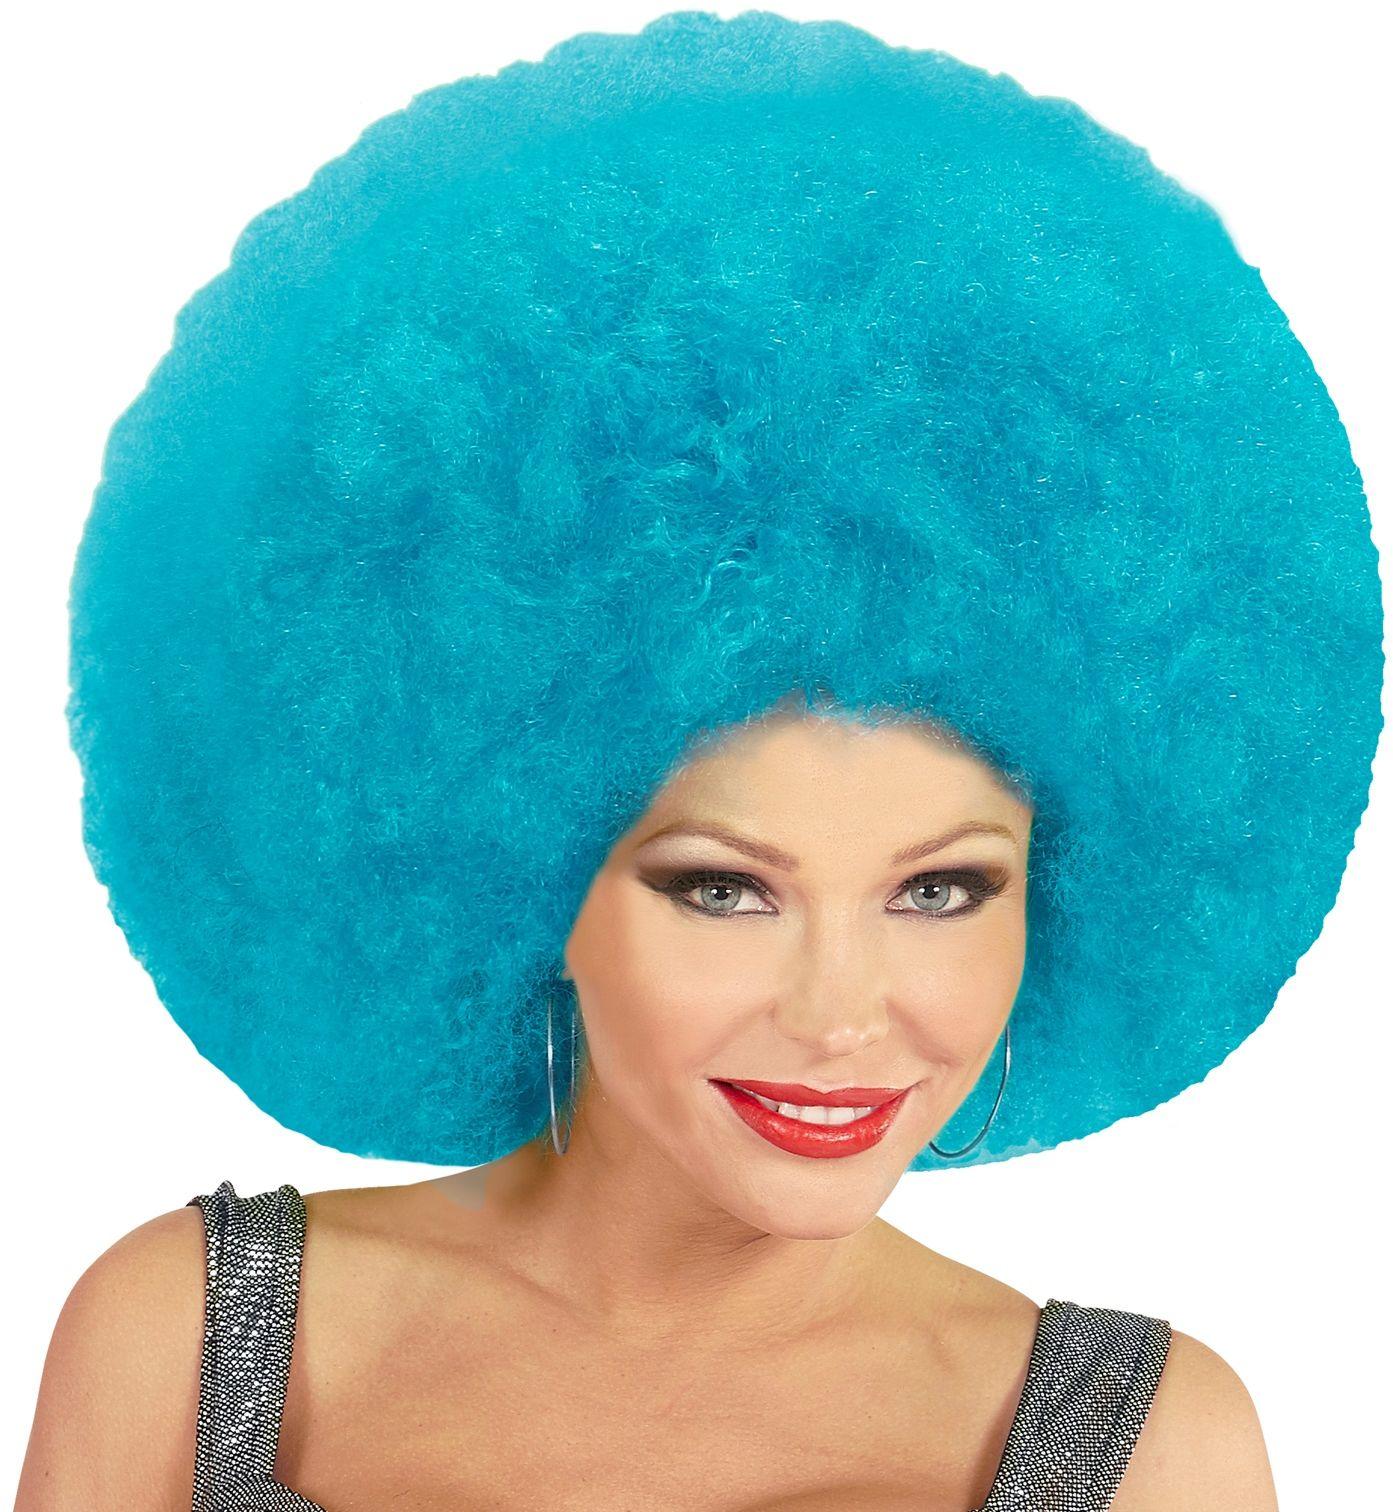 Blauwe afro pruik extra groot